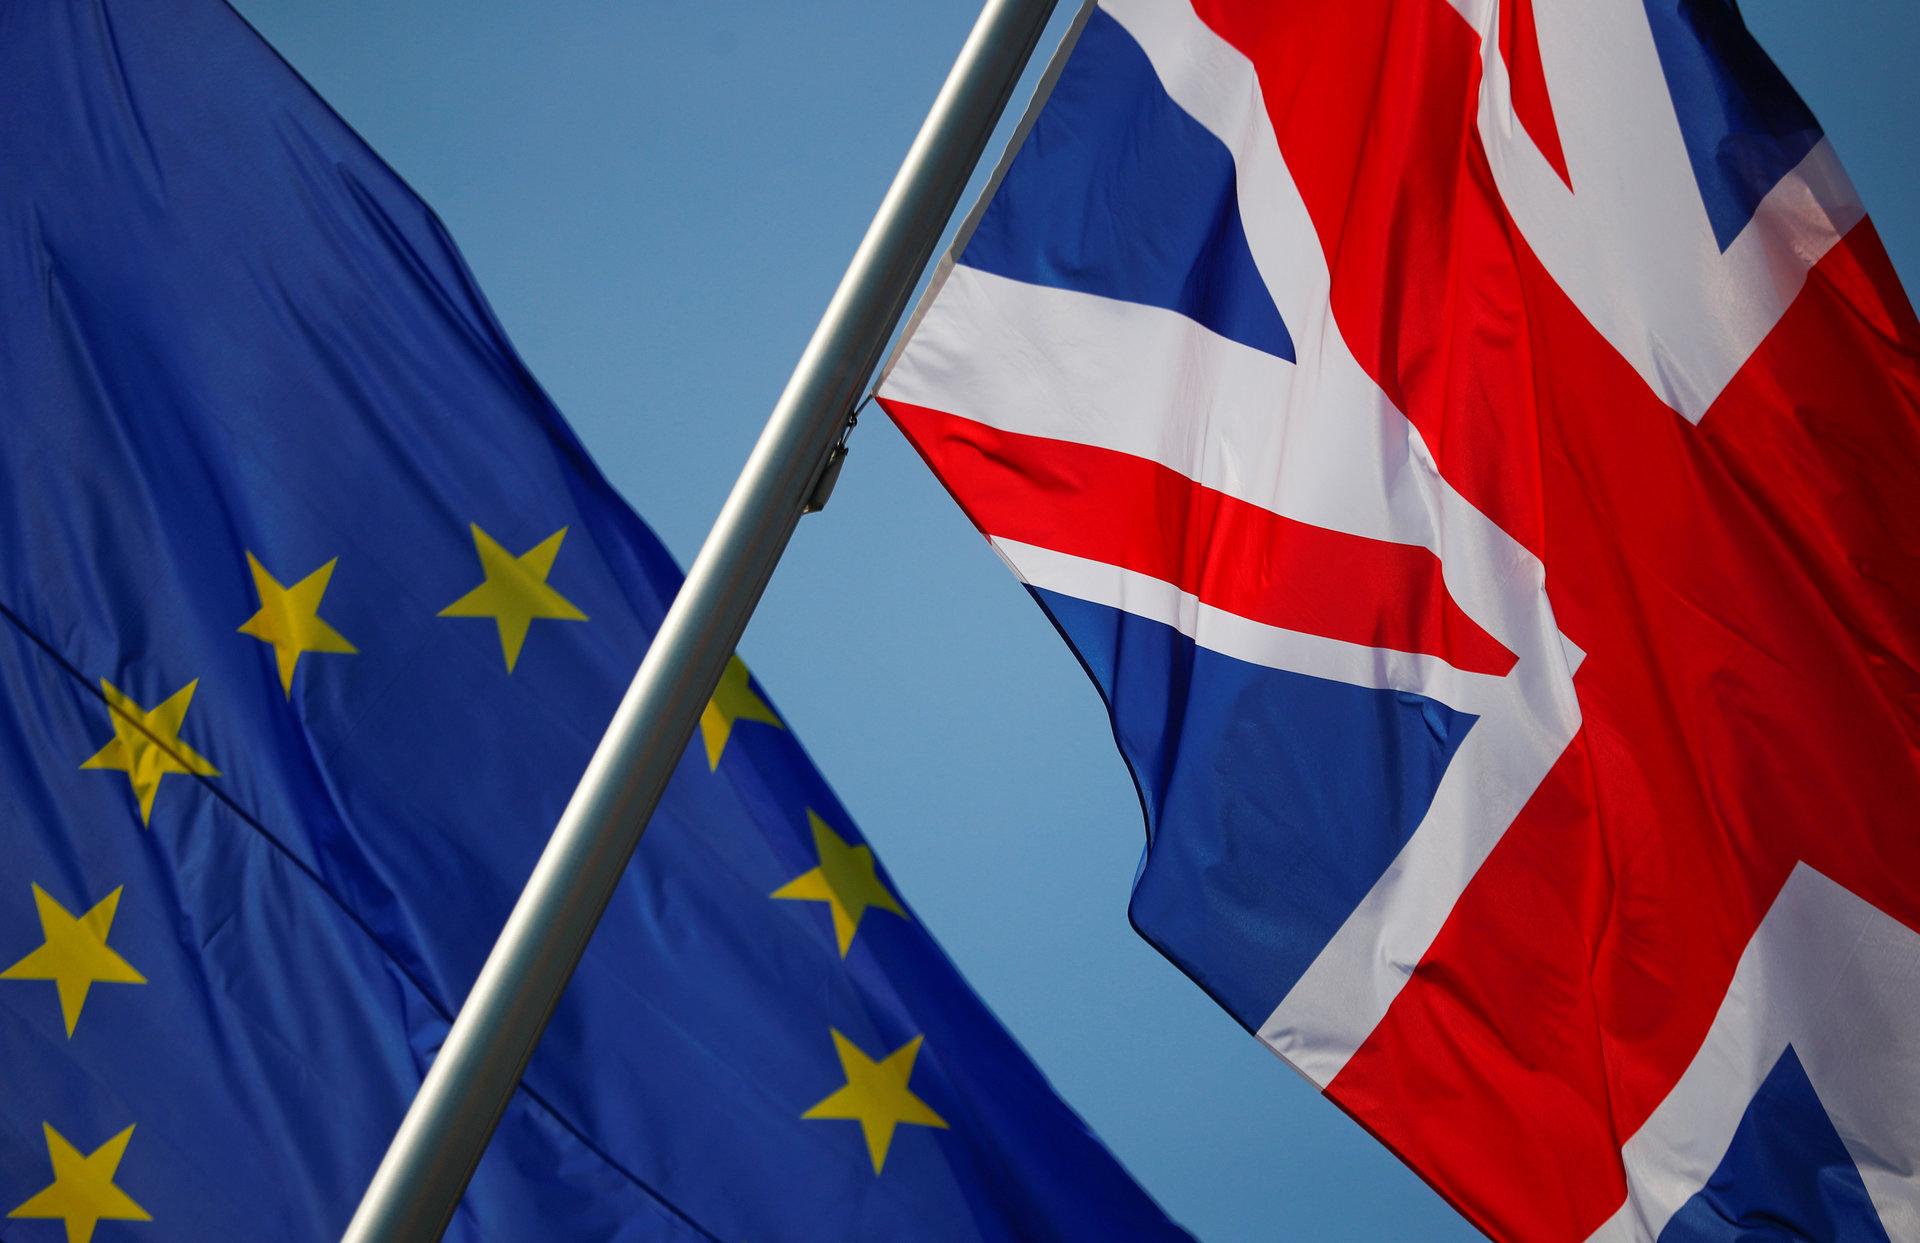 JK verslo duomenys rodo smarkų eksporto į ES kritimą